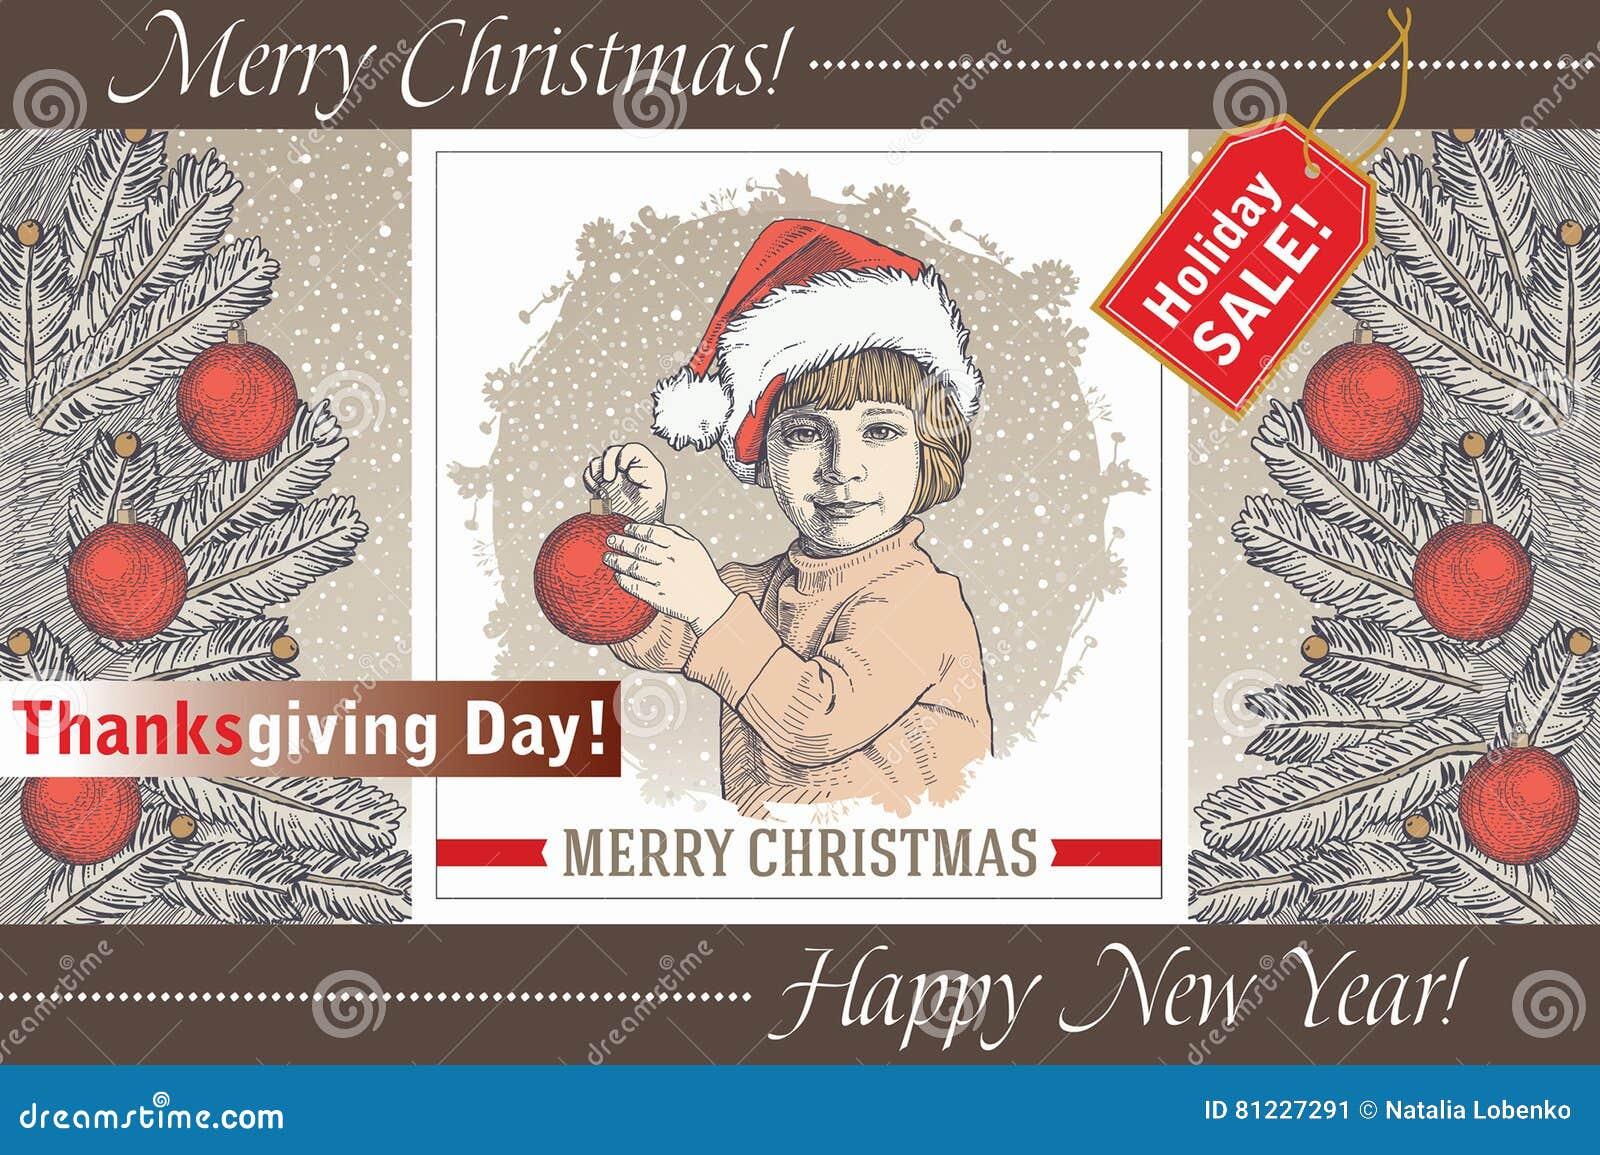 Frohe Weihnachten Familie.Grußkarte Rahmen Frohe Weihnachten Des Glücklichen Neuen Jahres